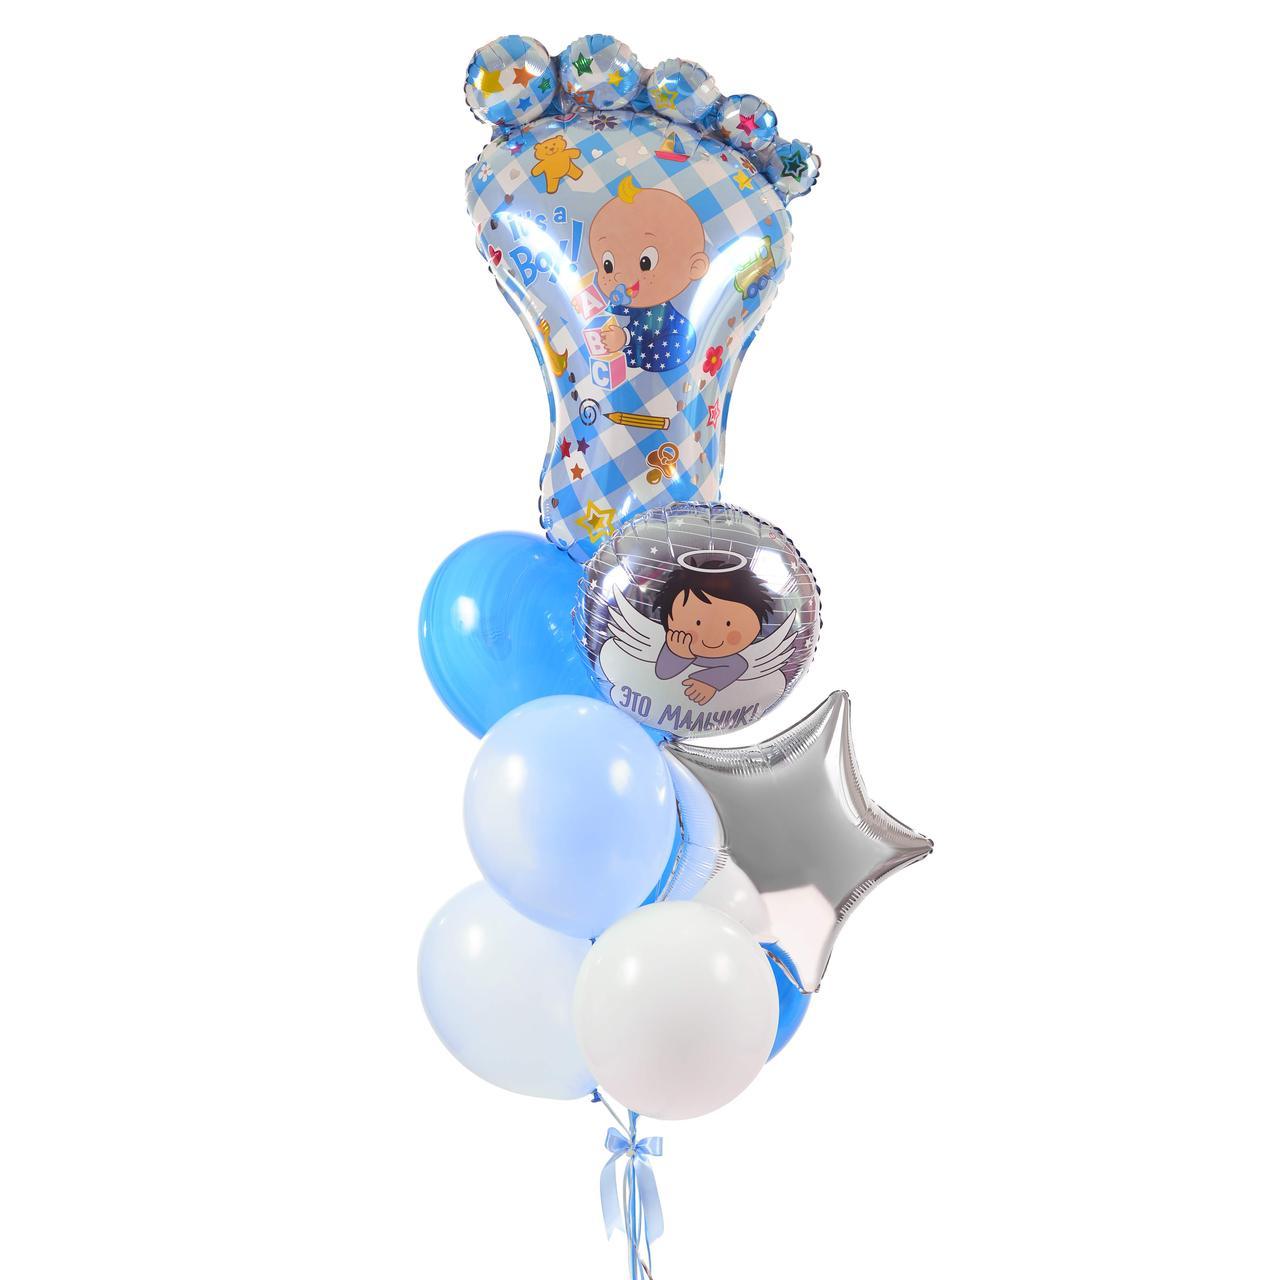 Зв'язка: Ніжка хлопчика, коло Це хлопчик, зірка срібло, 3 блакитних агата, 2 блакитних і 2 білих кулі